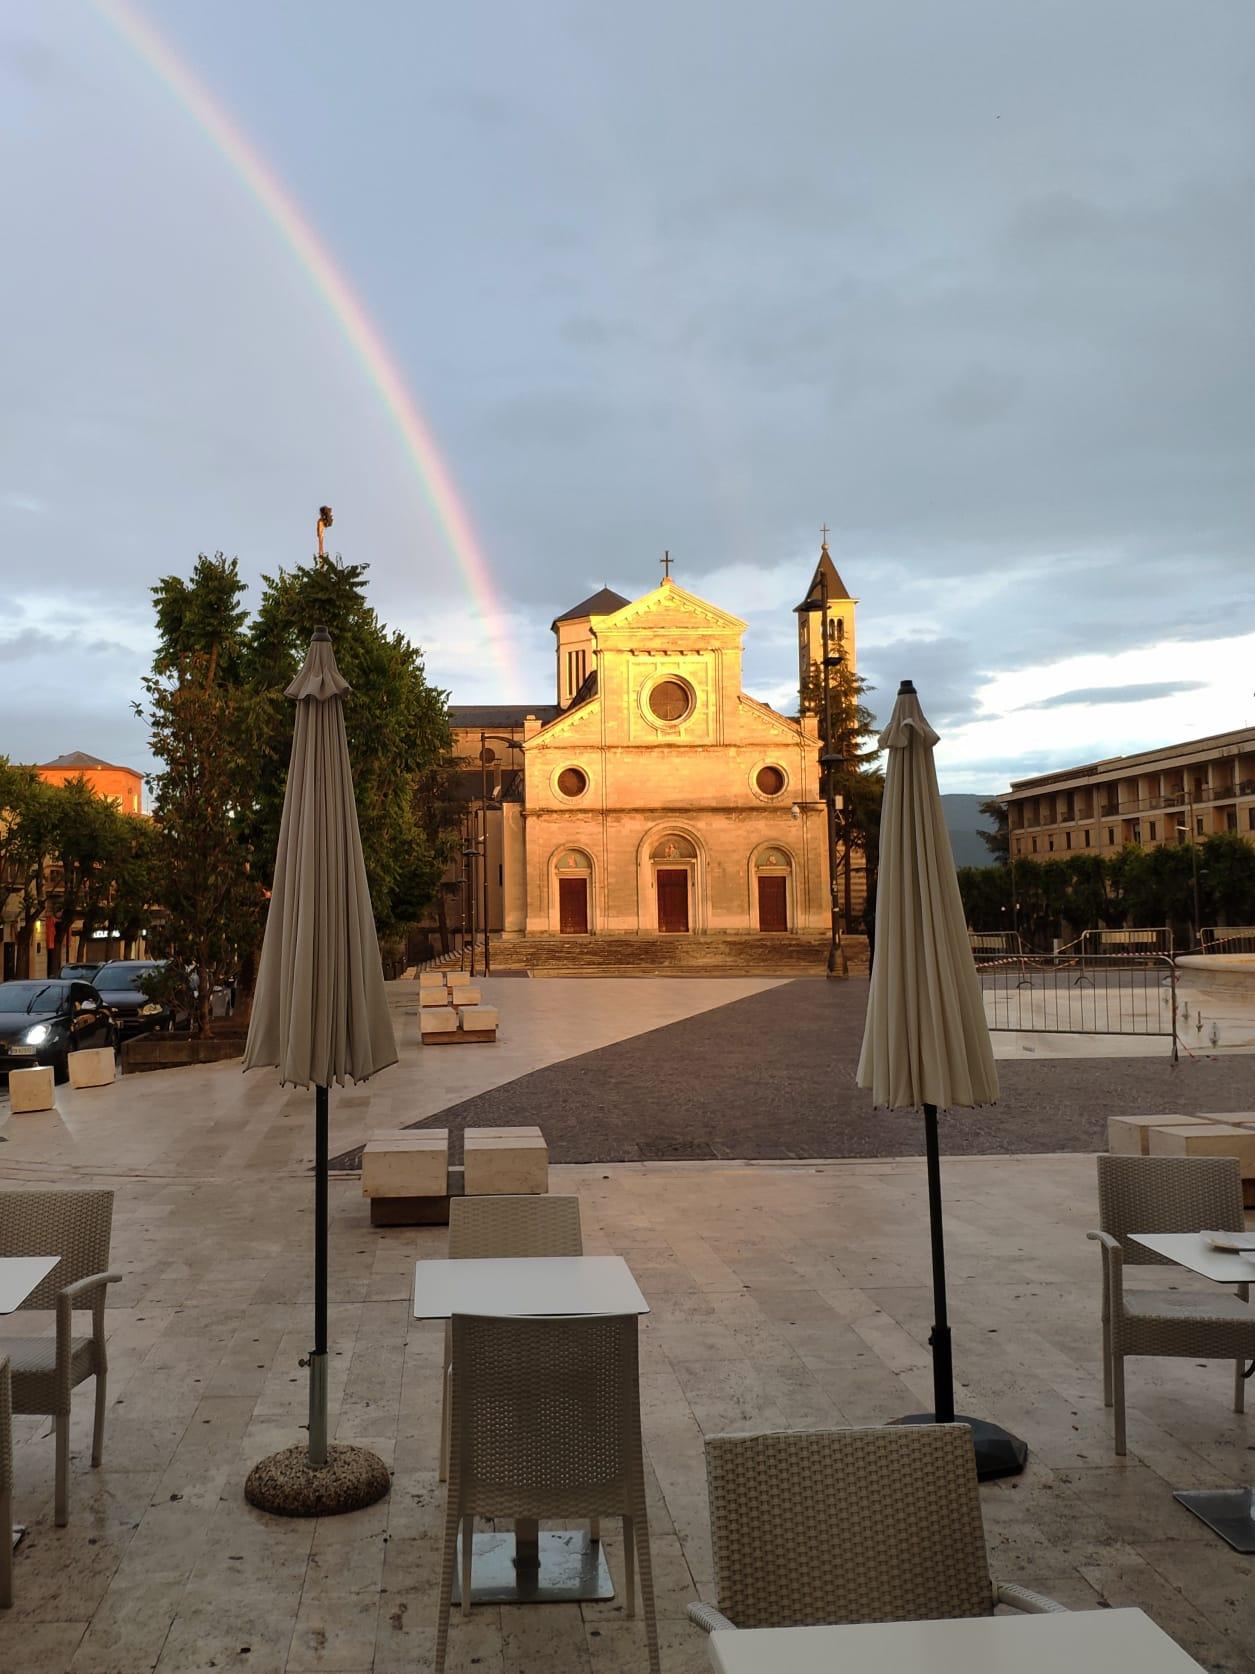 L'arcobaleno attraversa il cielo di Avezzano: la città che torna a vivere